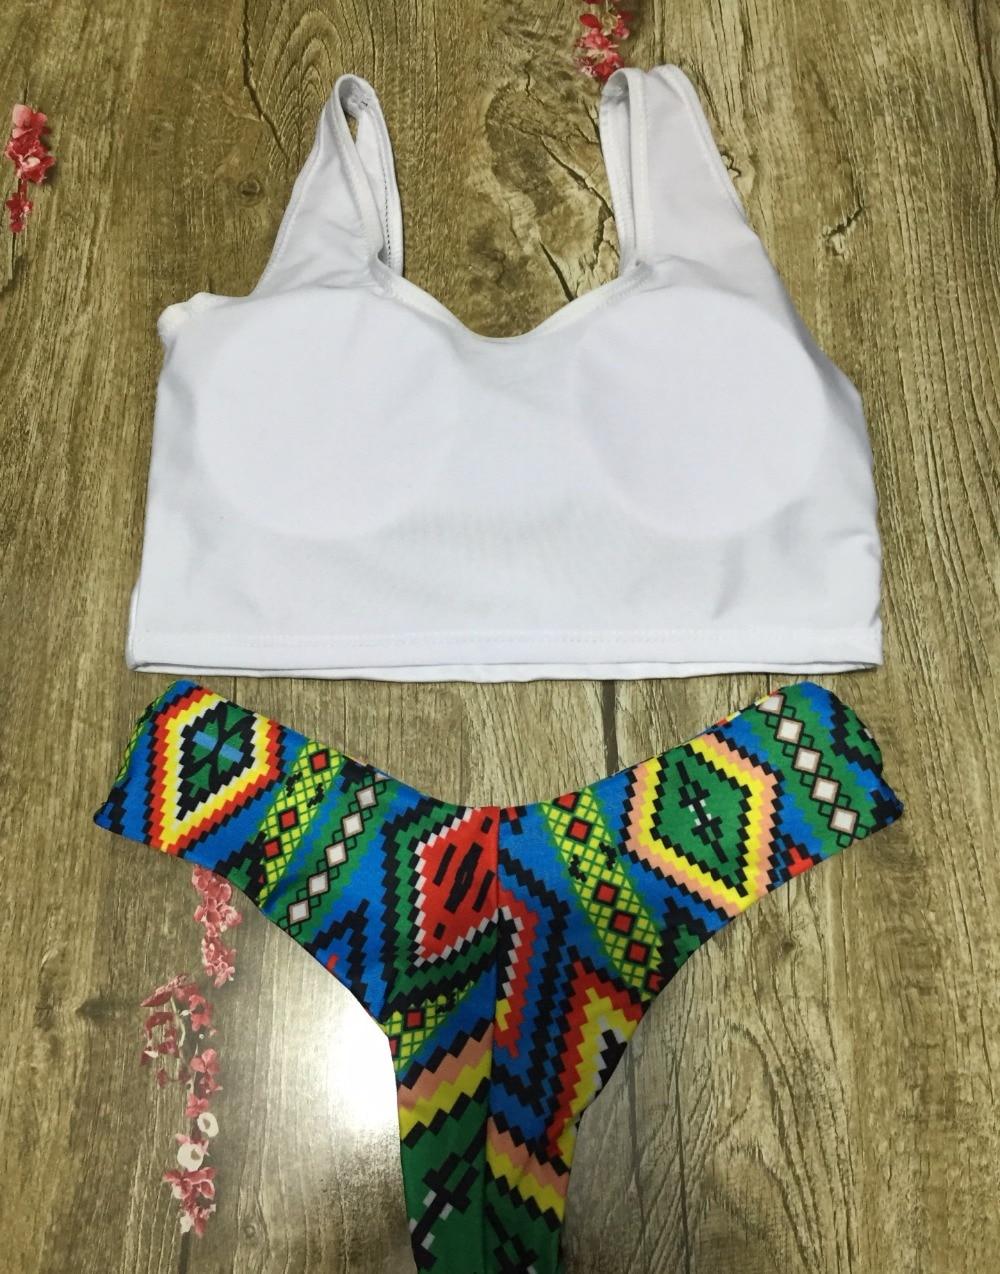 Yeni Seksual Bikini Ananas Çimərlikləri Braziliya Bikinisi - İdman geyimləri və aksesuarları - Fotoqrafiya 3